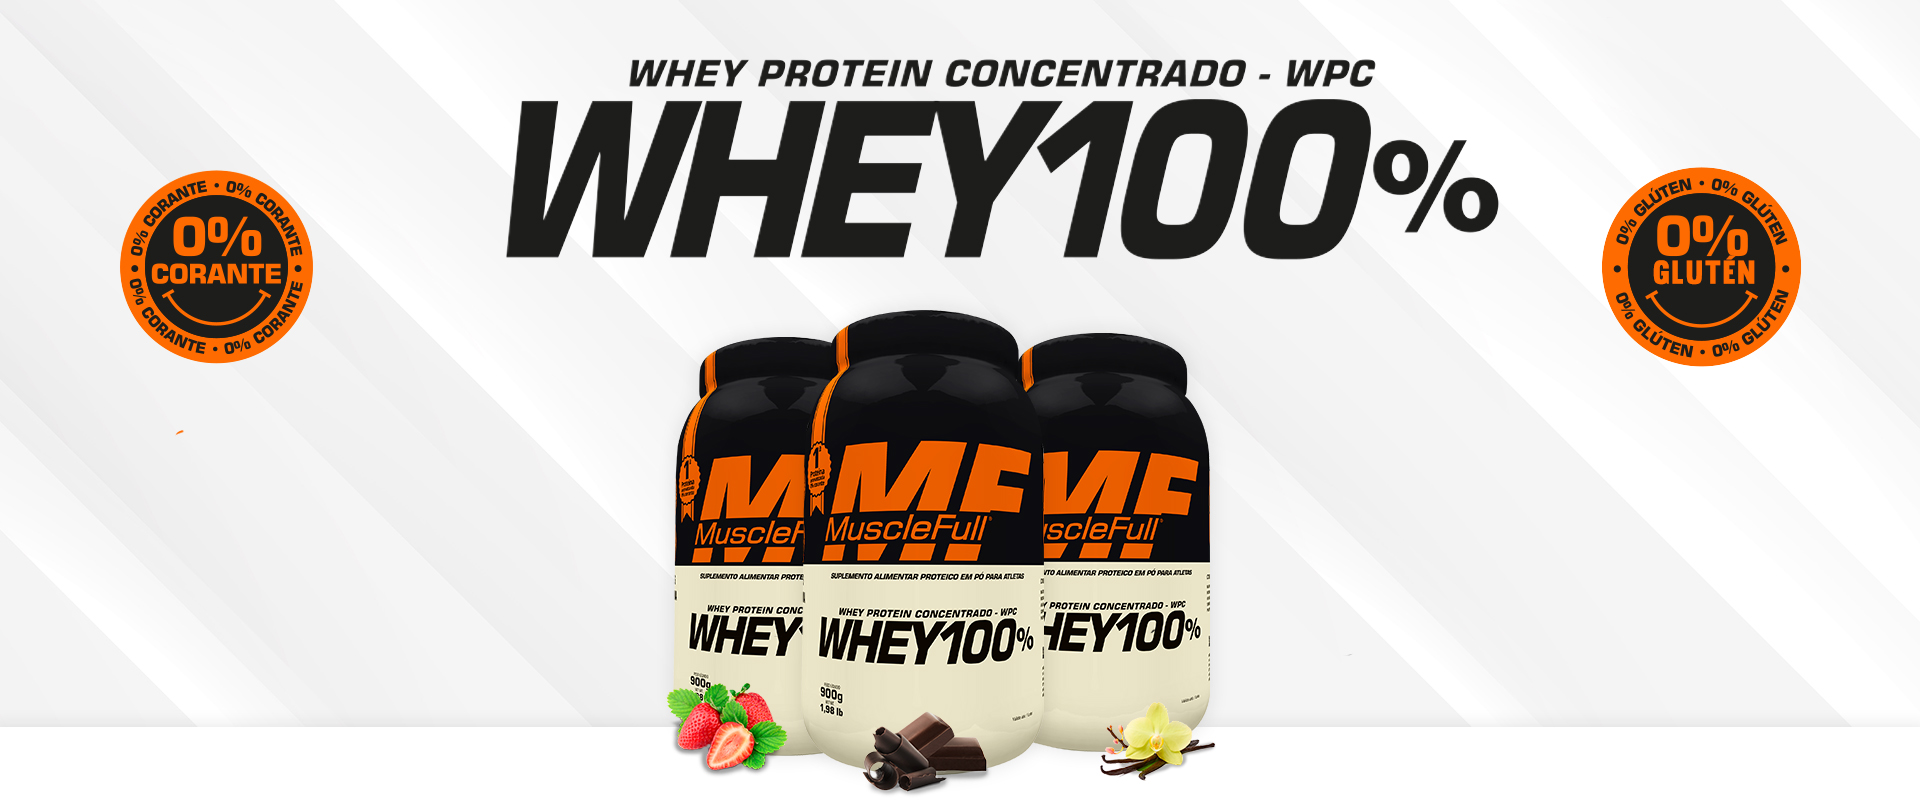 Whey Protein 100% Concentrado